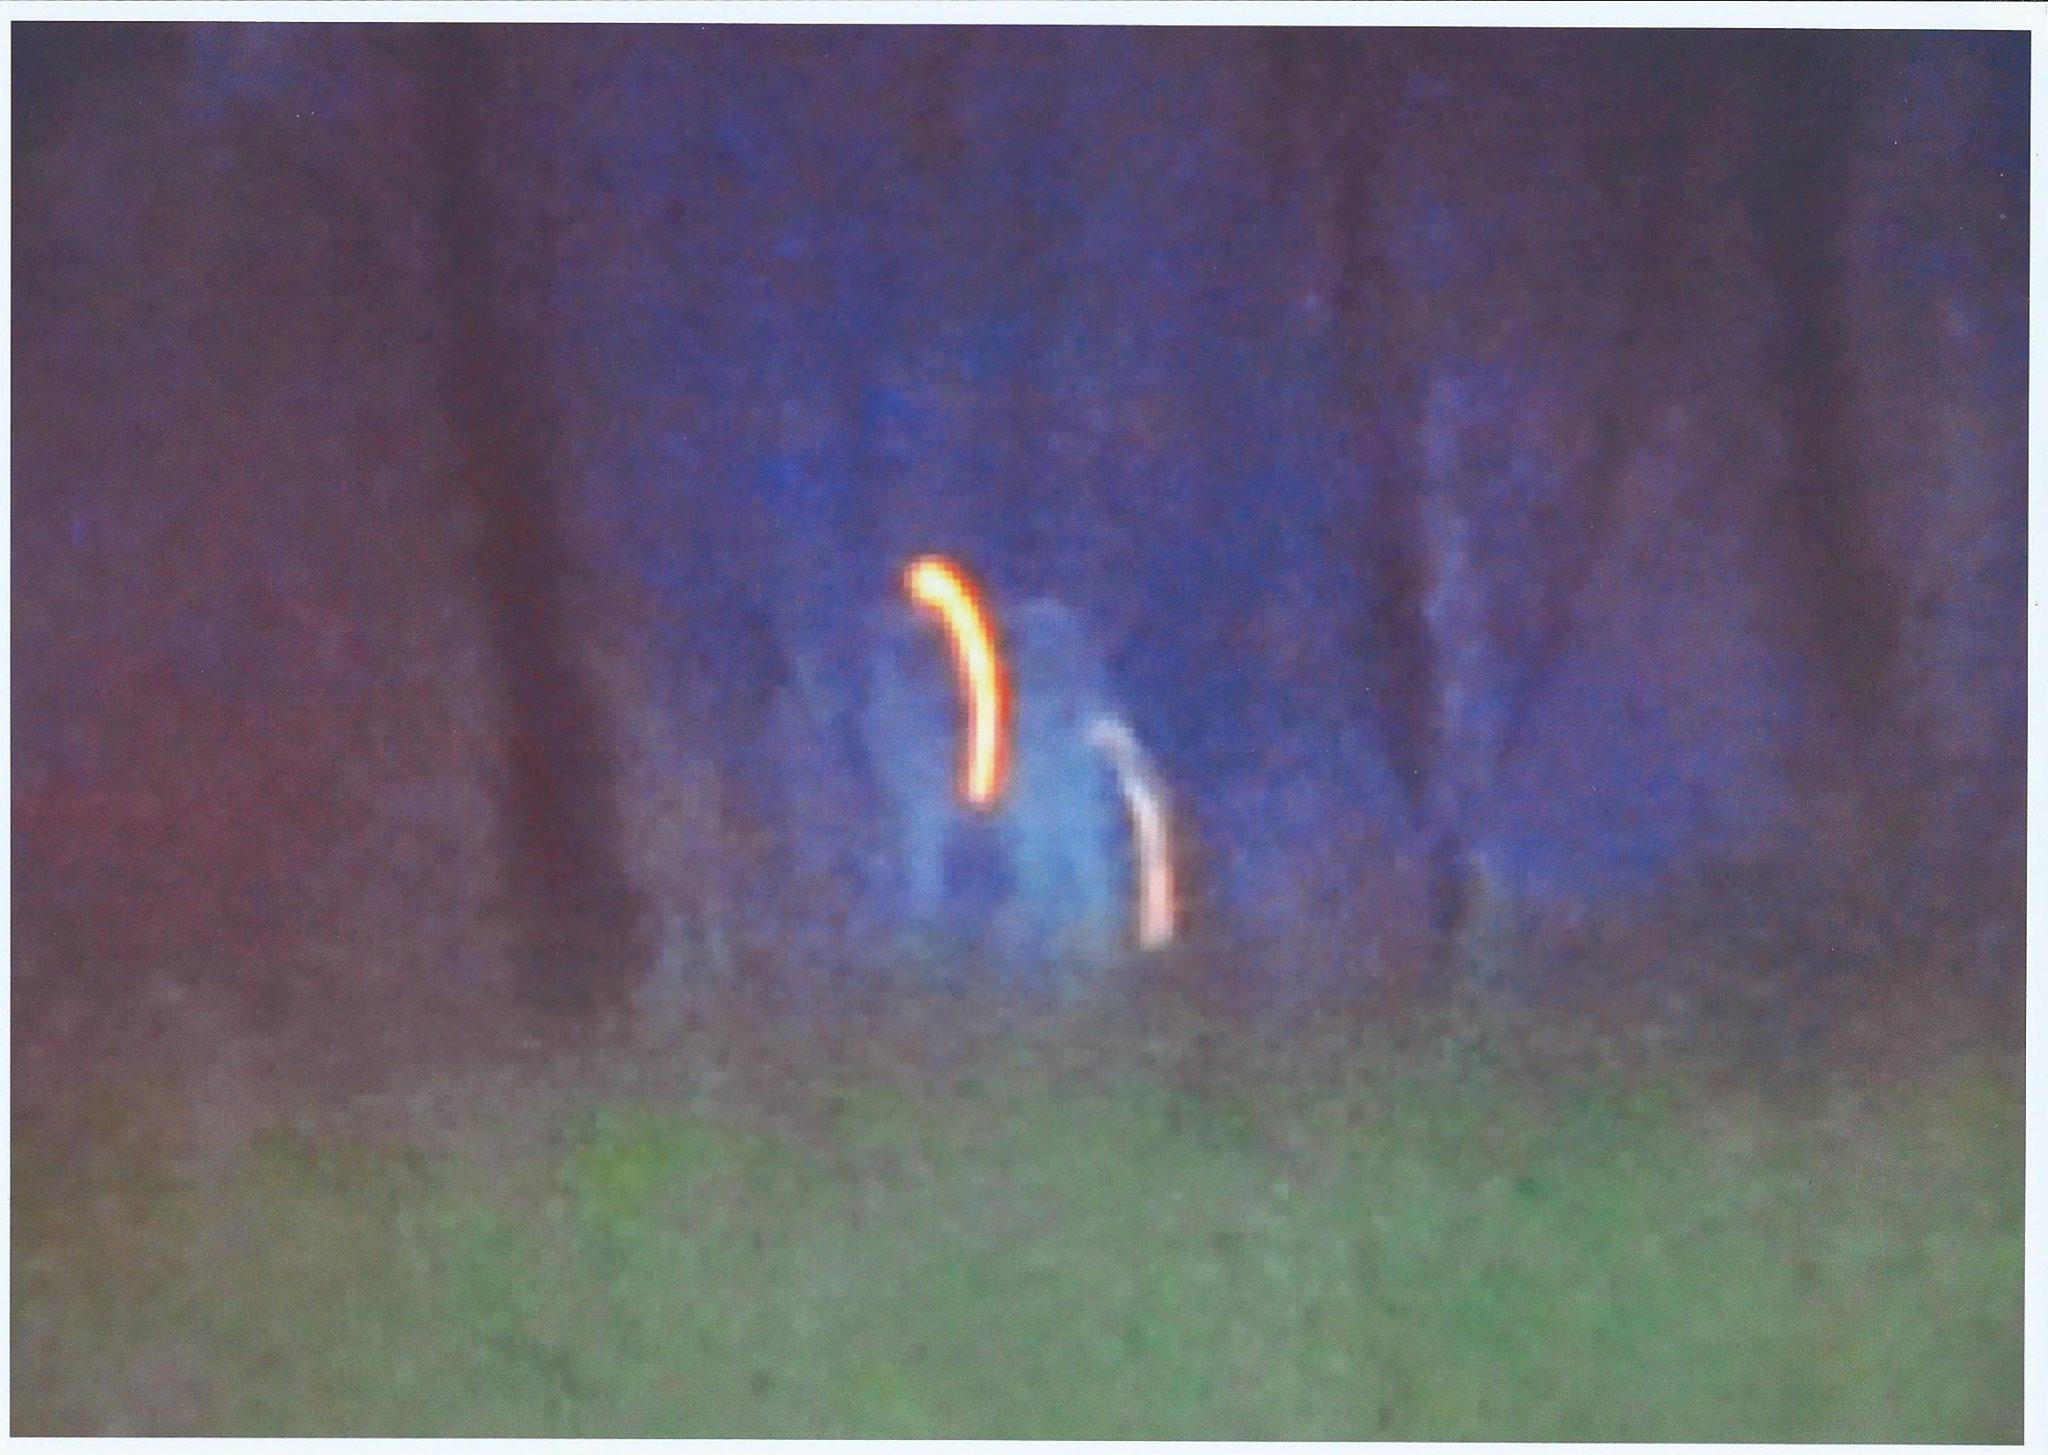 Un extraterrestre Pléiadien se laisse photographier et explique la raison de sa venue sur Terre…